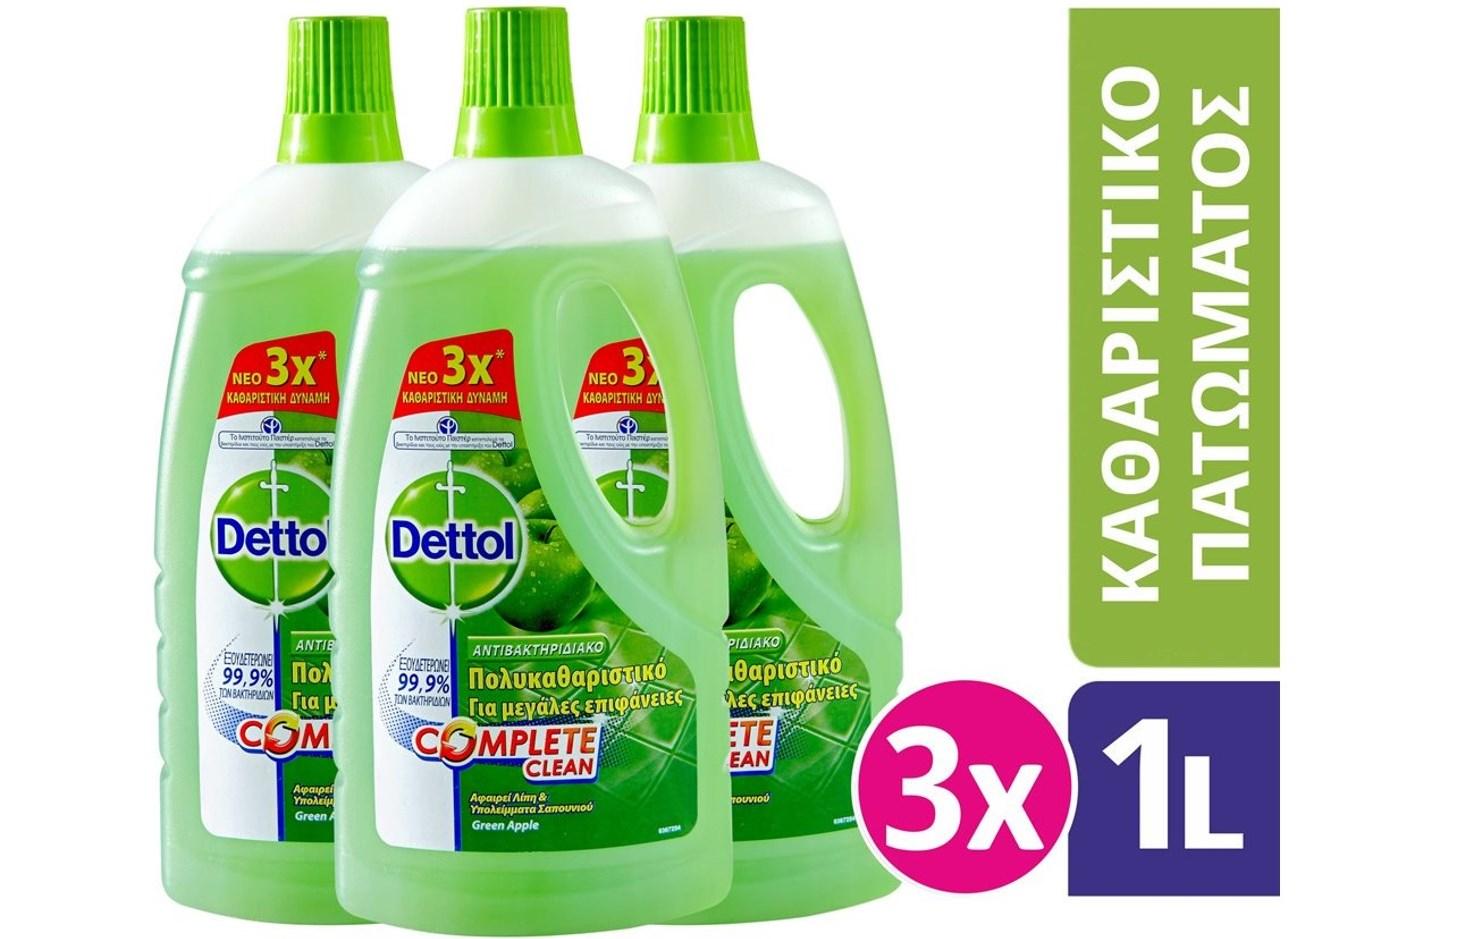 DETTOL Καθαριστικό Πατώματος Green Apple (πράσινο μήλο) σε 1lt ή 3lt: Από 2,5€ για το νέο πρωτοποριακό προϊόν που εξουδετερώνει το 99,9% των βακτηριδίων! Η Καλύτερη τιμή της αγοράς